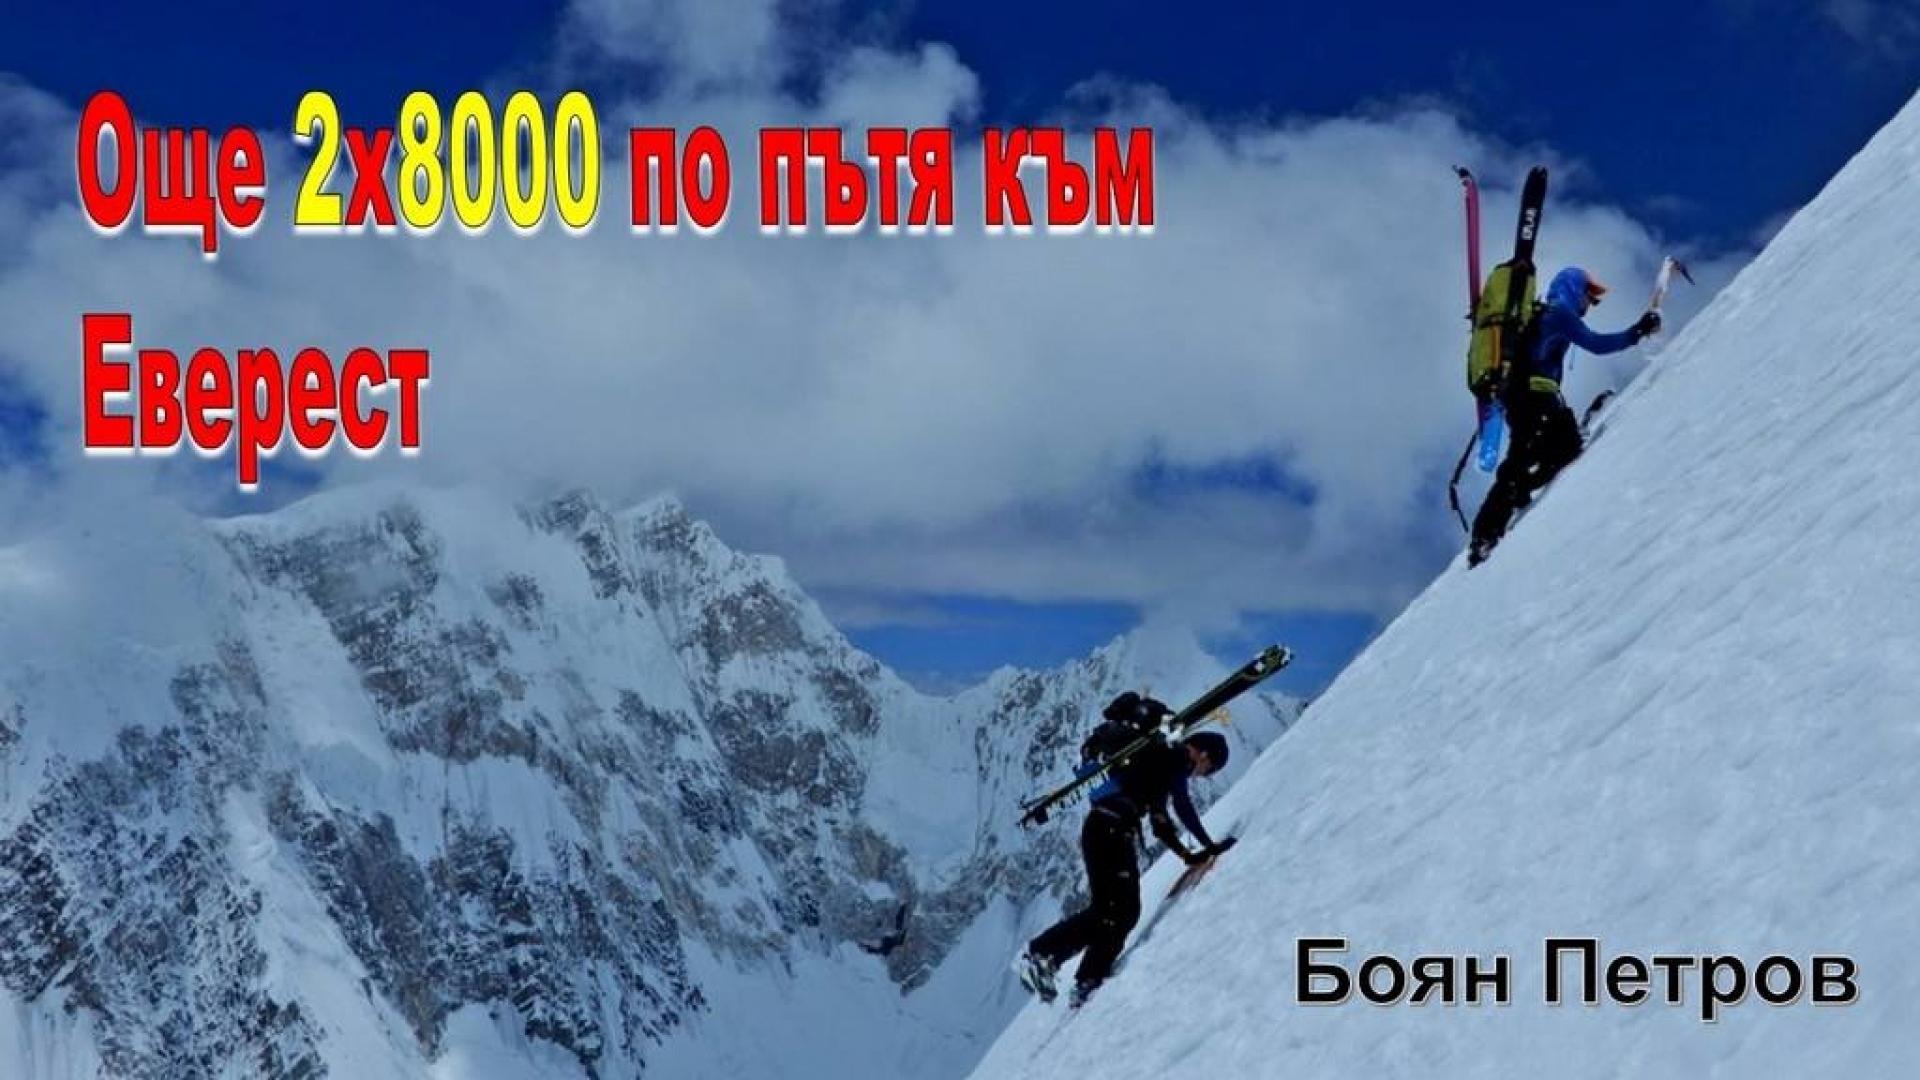 5 декември 2017 - Презентация на Боян Петров ОЩЕ 2х8000 ПО ПЪТЯ ЗА ЕВЕРЕСТ